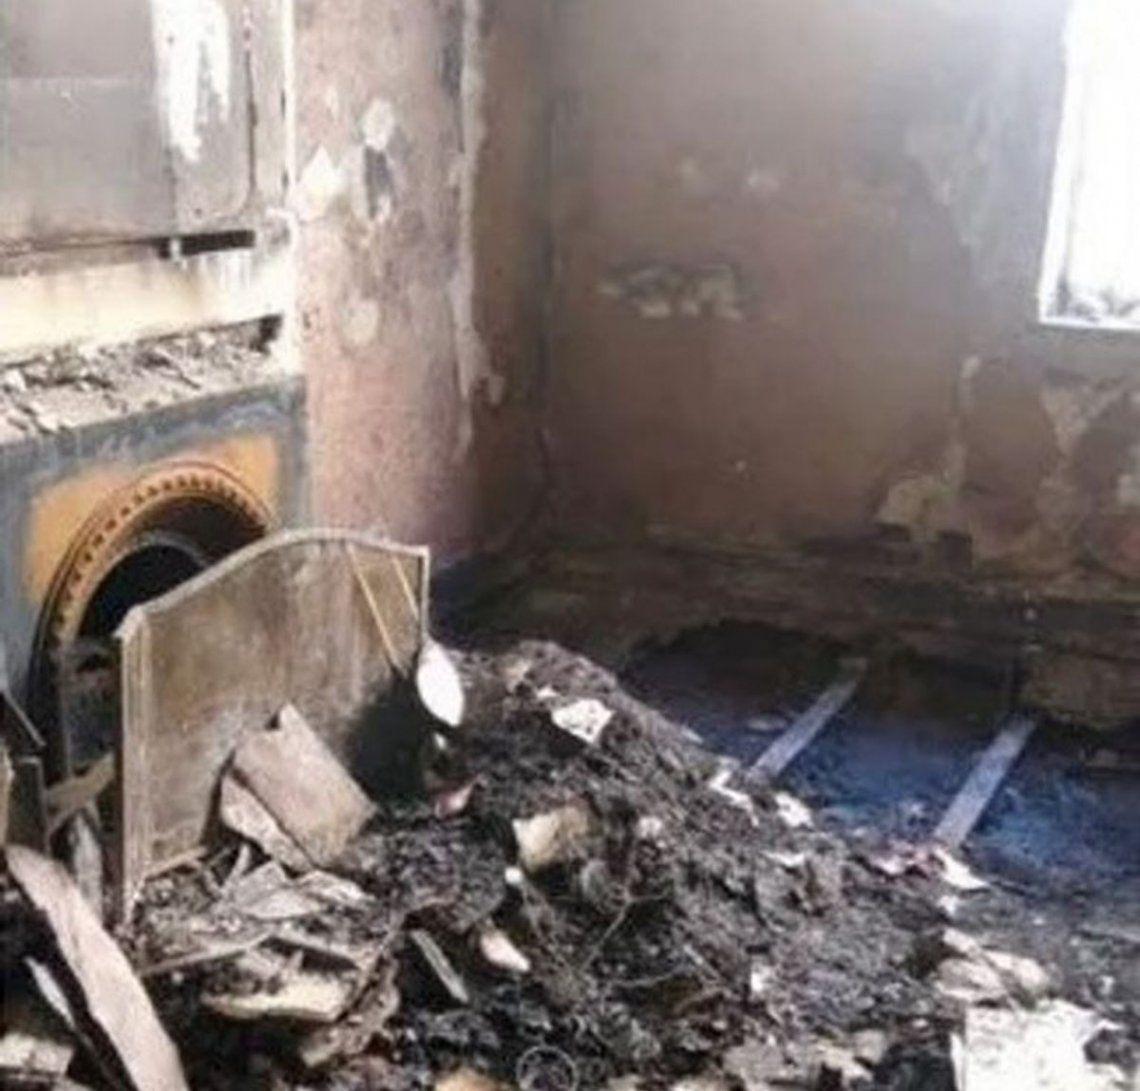 Muerte Elsa Serrano: se conocieron las impactantes fotos del departamento tras el incendio